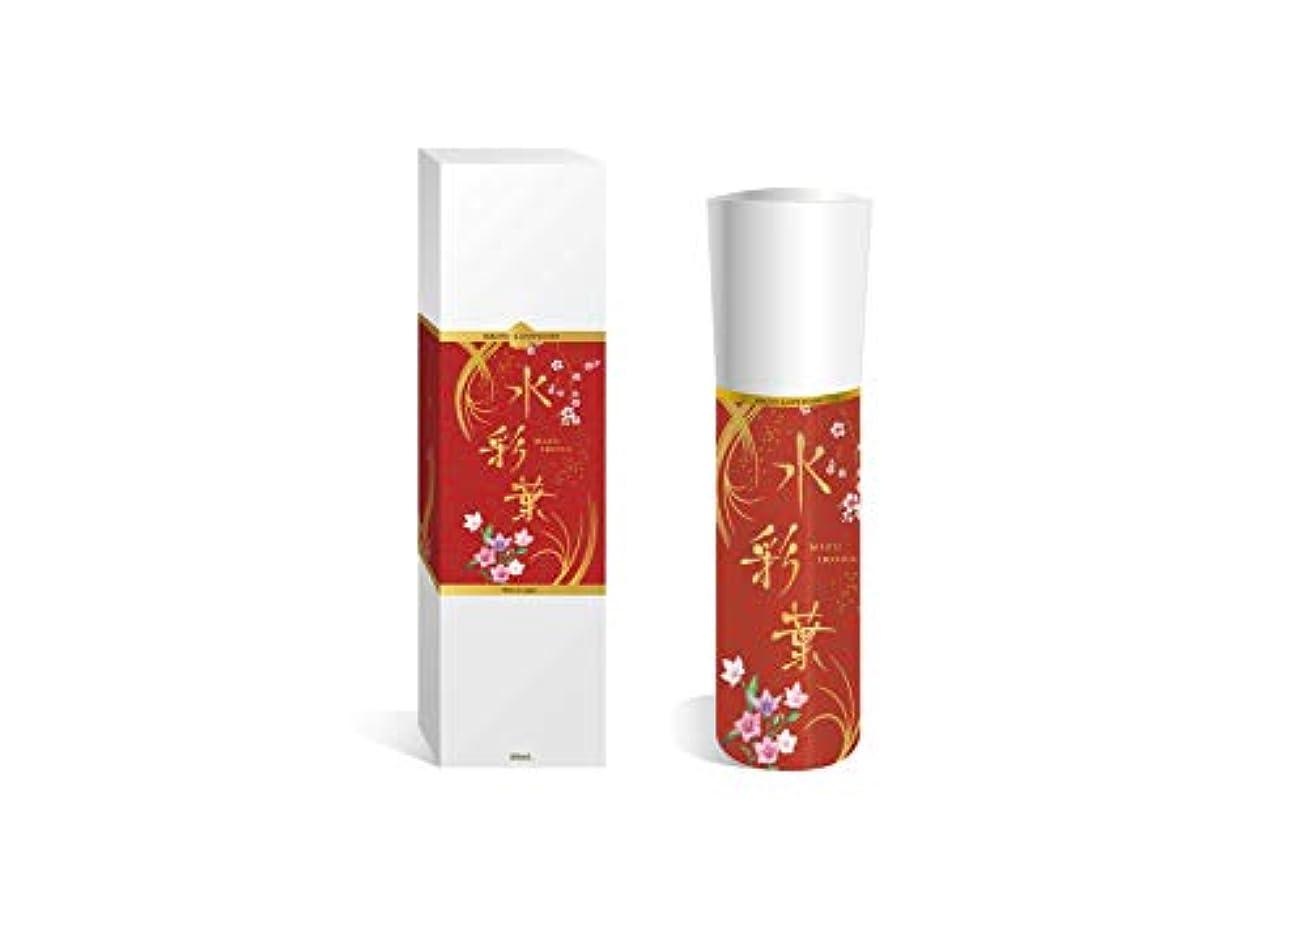 熟したマキシム相続人水彩葉 化粧水 (ボトル色:赤) 【 高保湿 防腐剤フリー トレハロース ヒアルロン酸 】